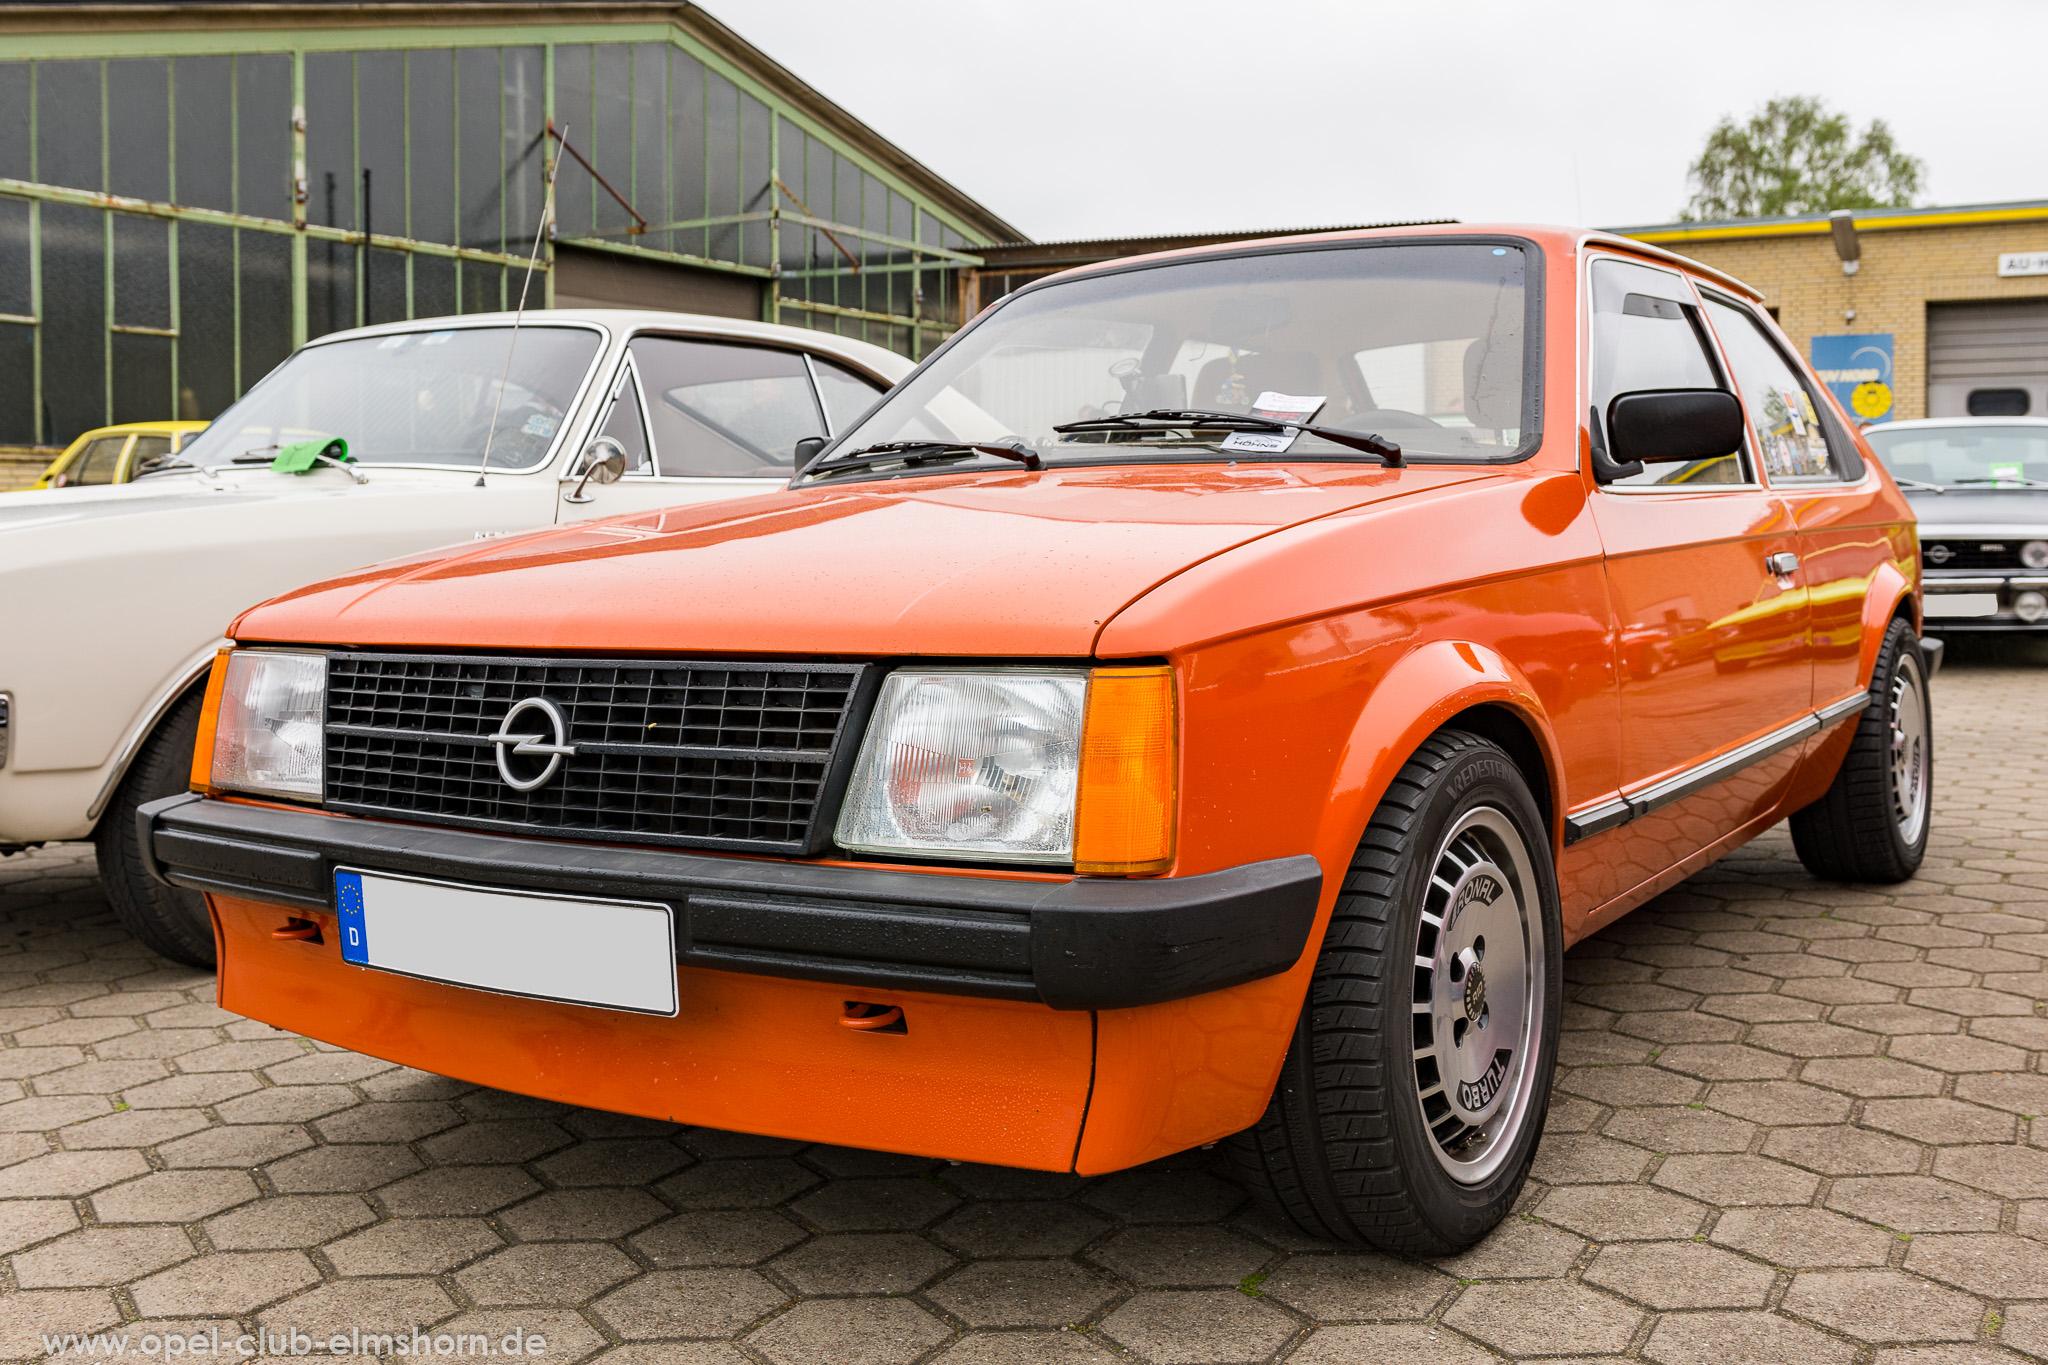 Altopeltreffen Wedel 2019 - 20190501_113136 - Opel Kadett D